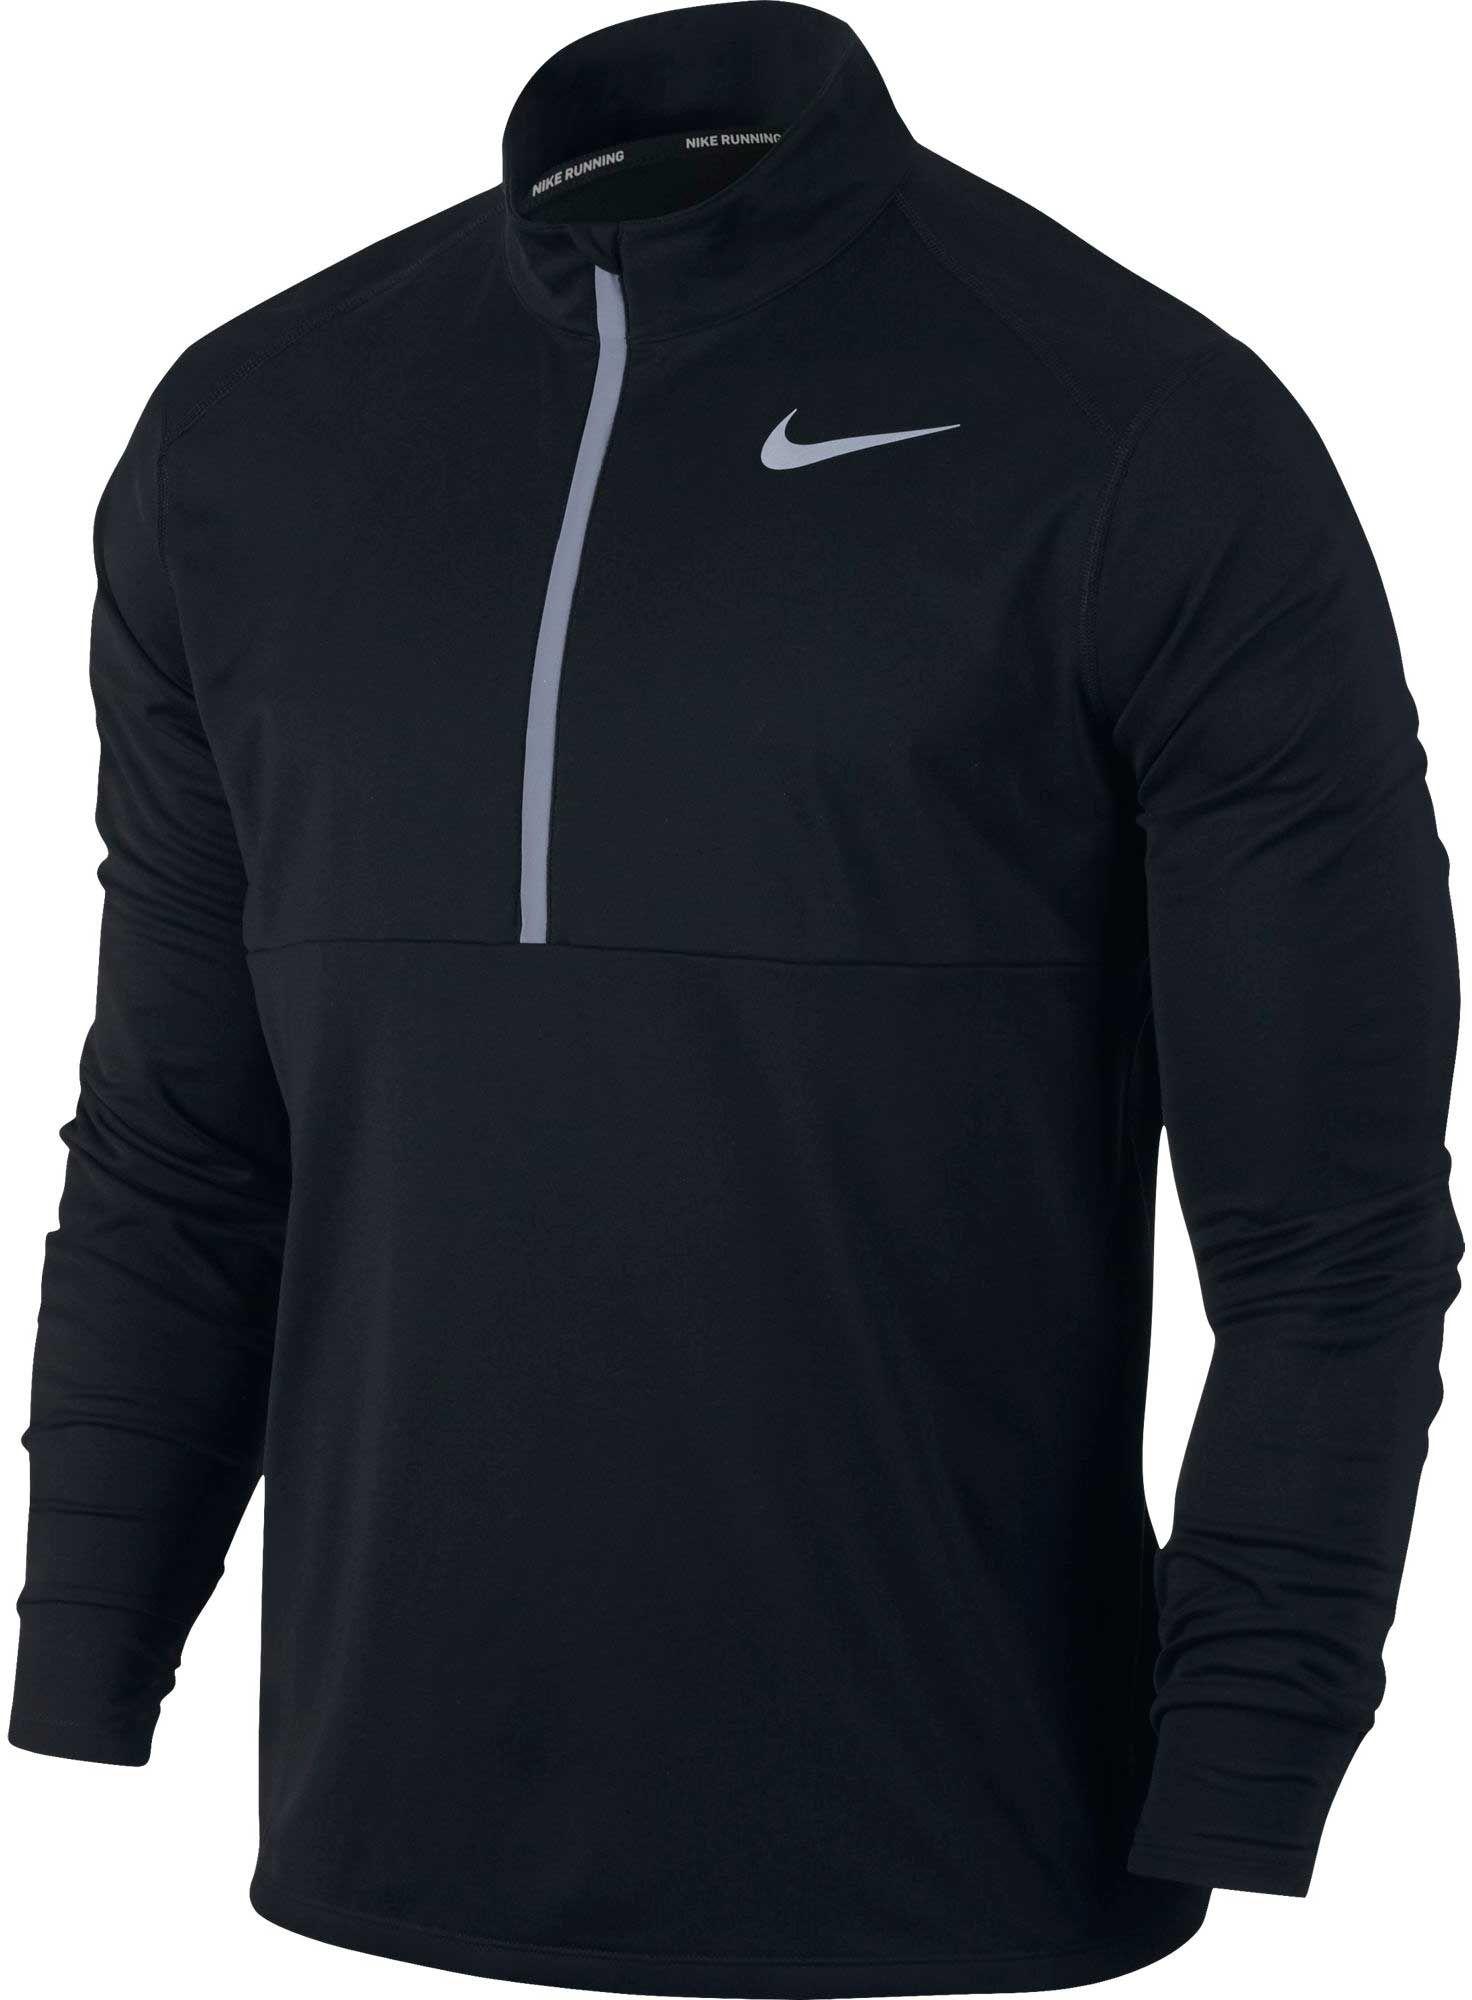 Men's Half Zip Pullovers & Shirts   DICK'S Sporting Goods